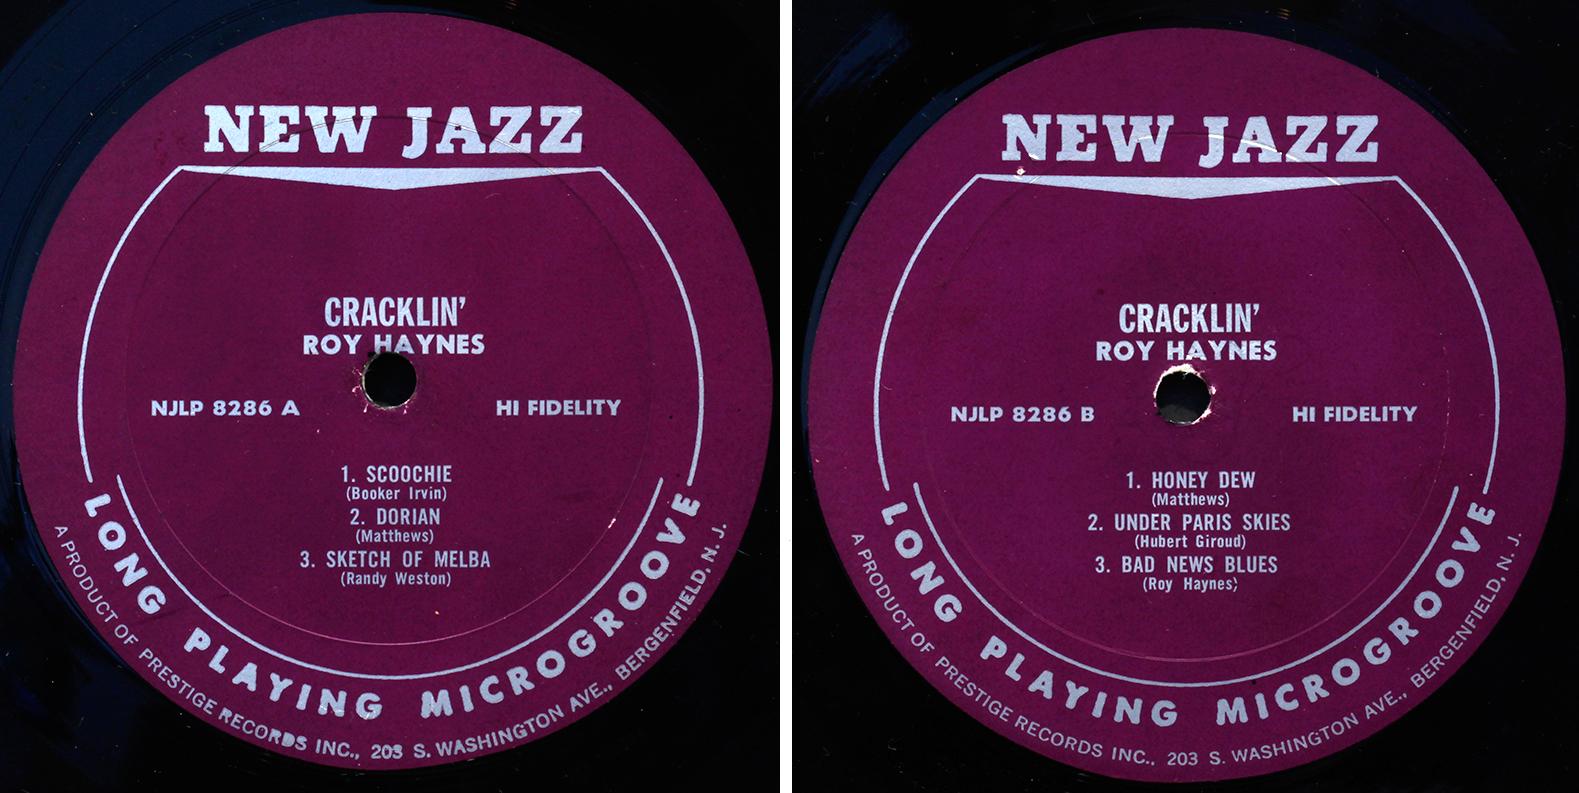 8286 A B roy haynes-cracklin-labels-og-1600